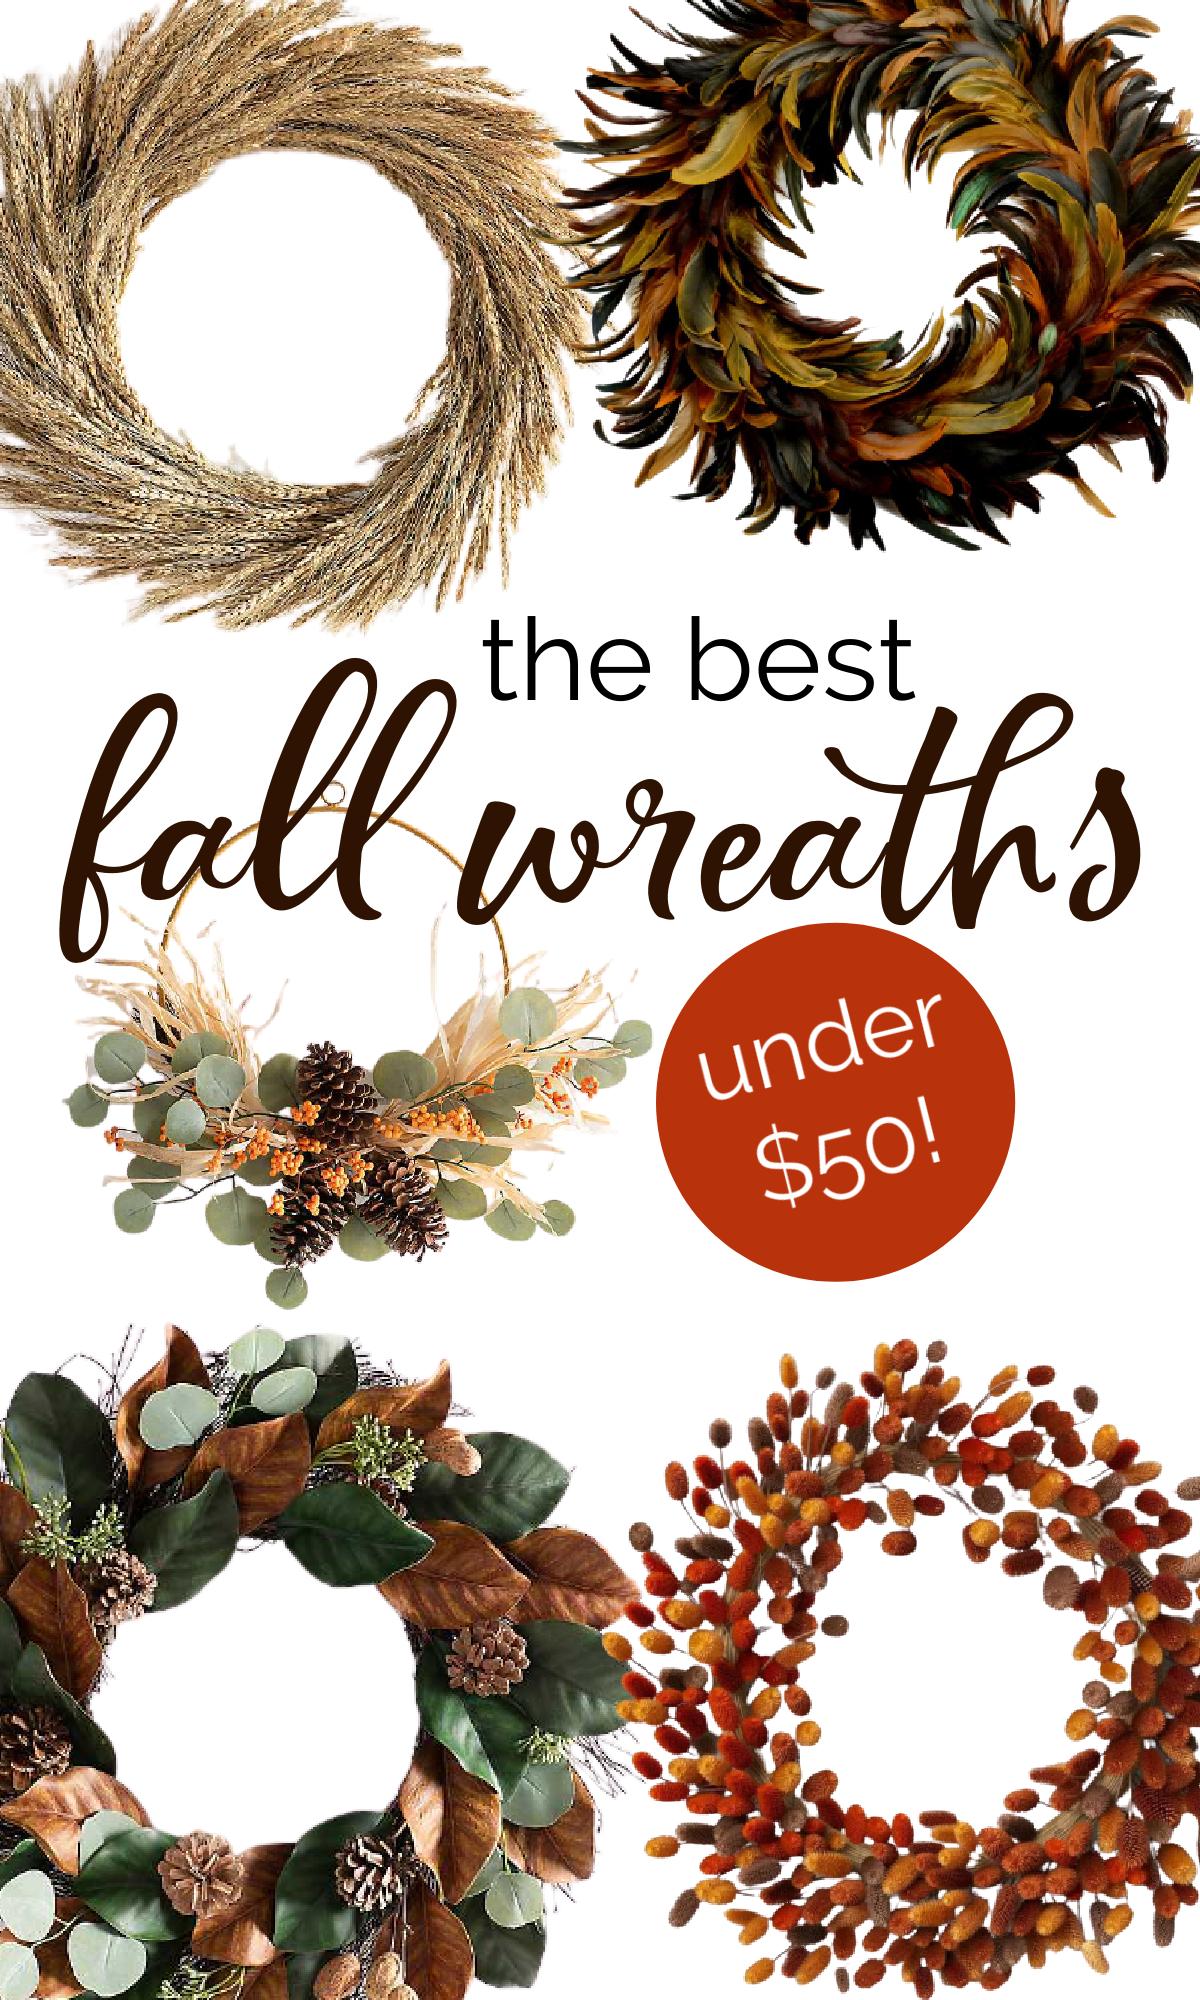 Fall wreaths under $50